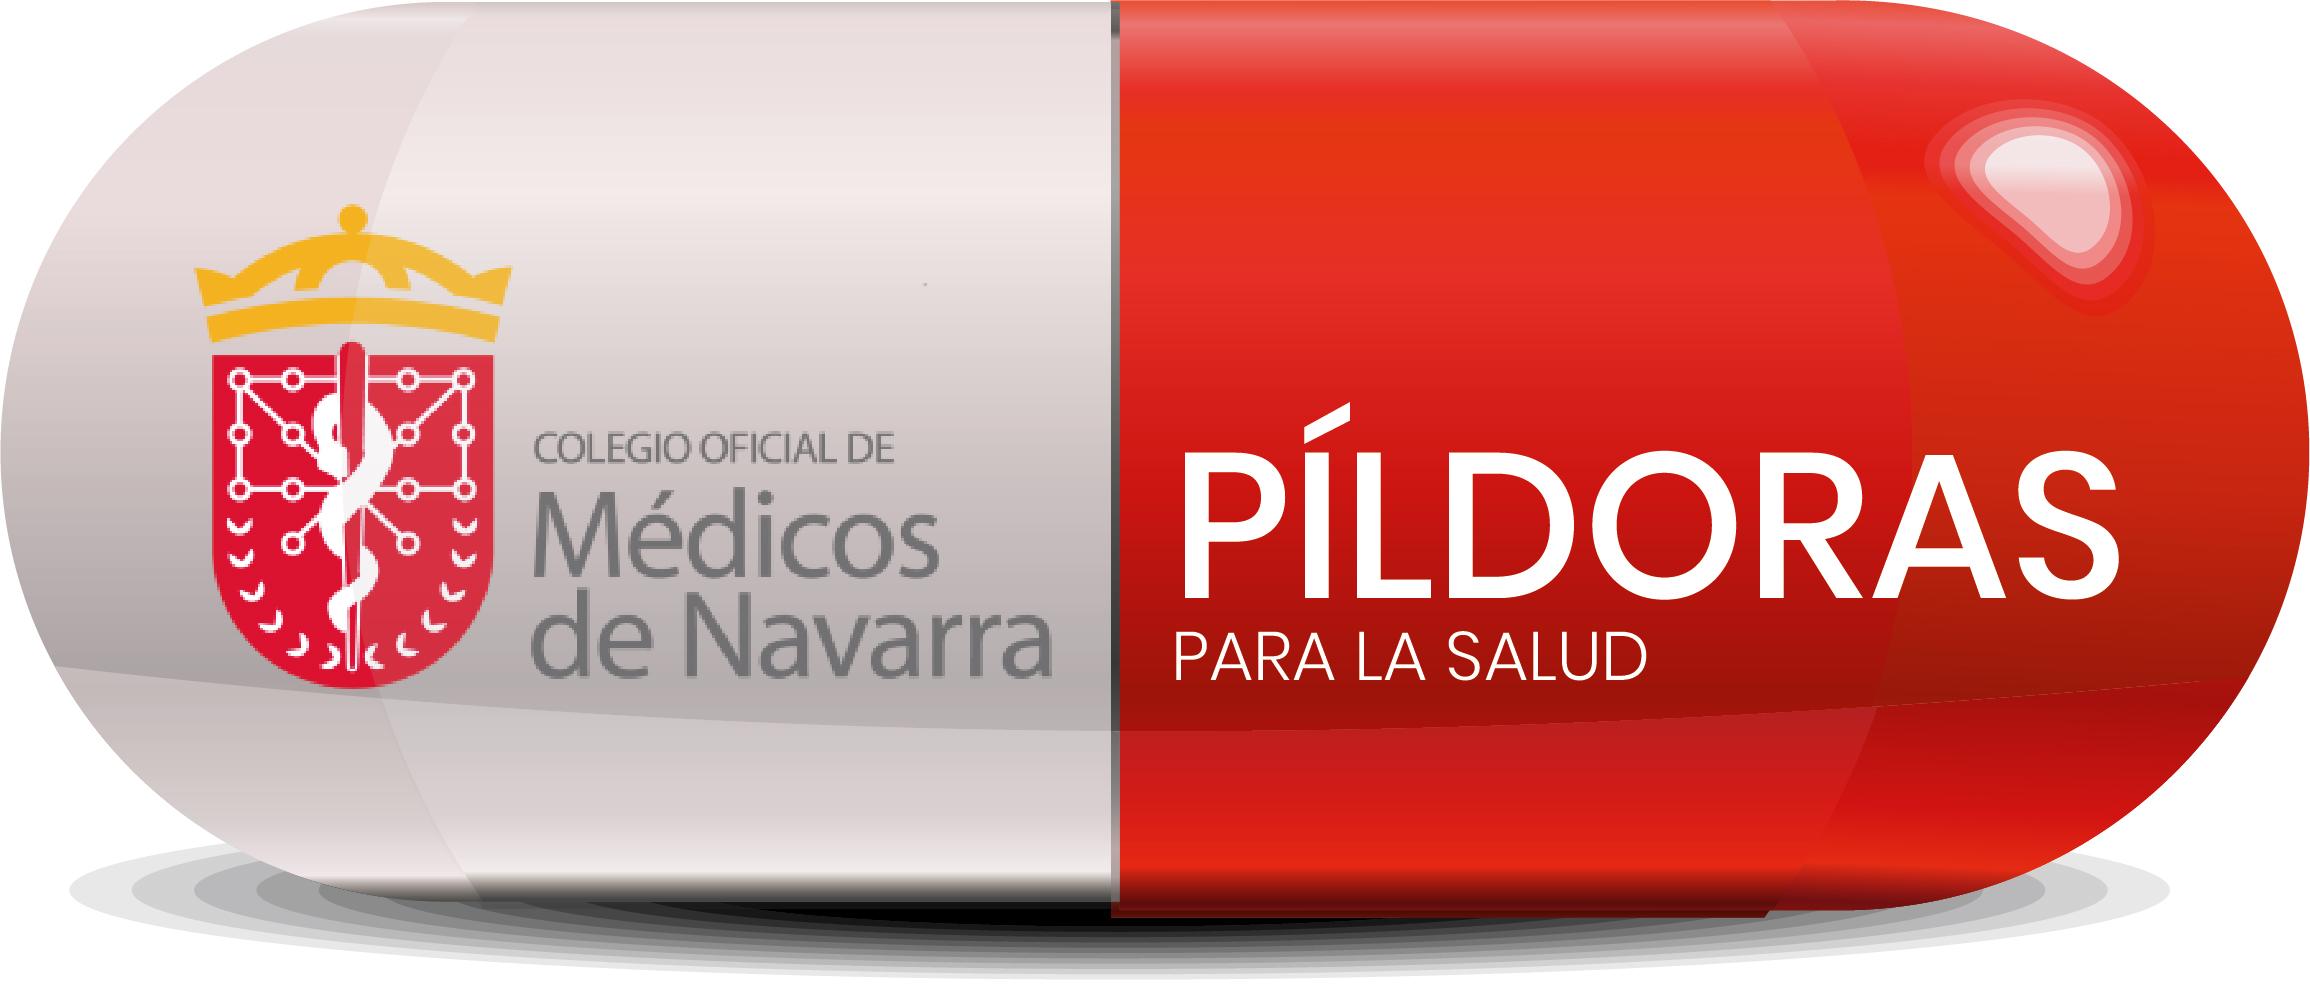 """El Colegio de Médicos de Navarra lanza la campaña audiovisual """"Píldoras para la Salud"""" dirigida a la ciudadanía."""